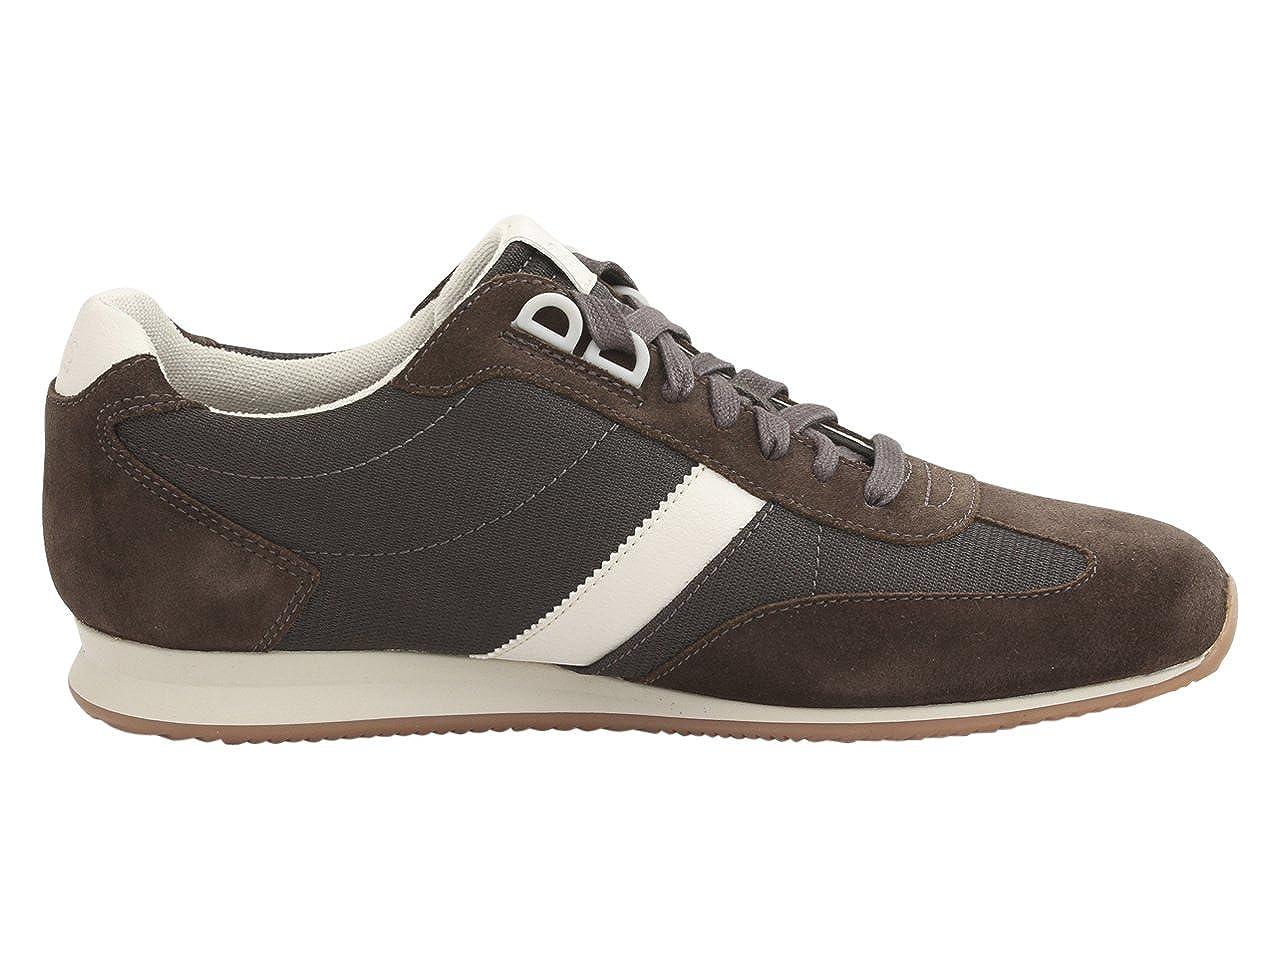 Hugo Herren Boss Orland_Lowp_sdny1 Turnschuhe Schuhe 11 M US Herren Hugo 19ecdf